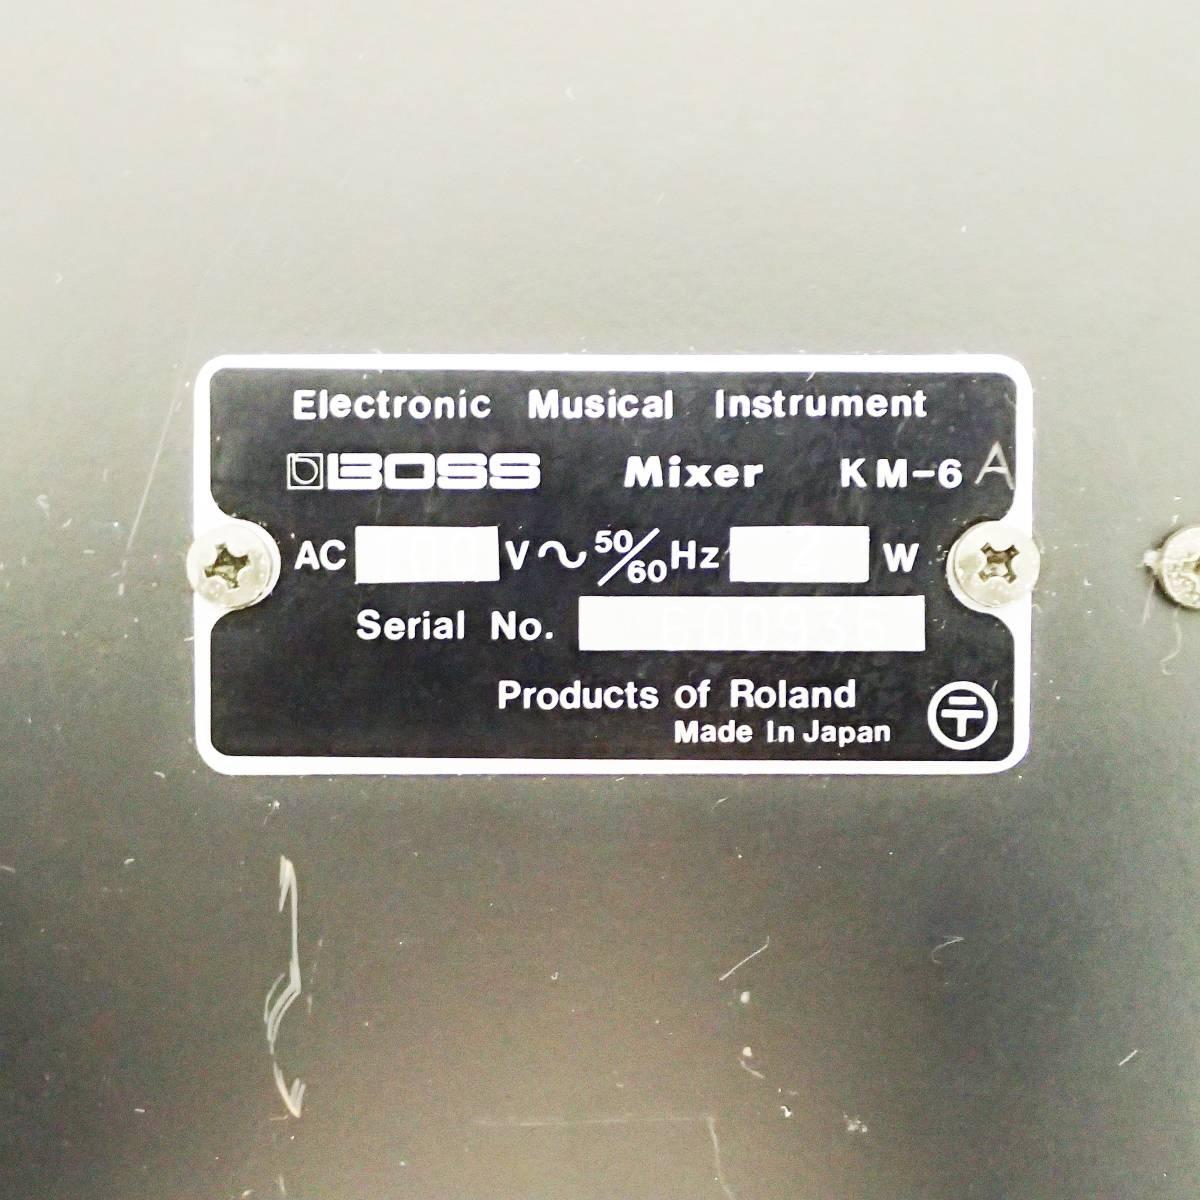 BOSS mixer KM-6A アナログ ミキサー Roland ローランド 通電確認済み  B01_画像2